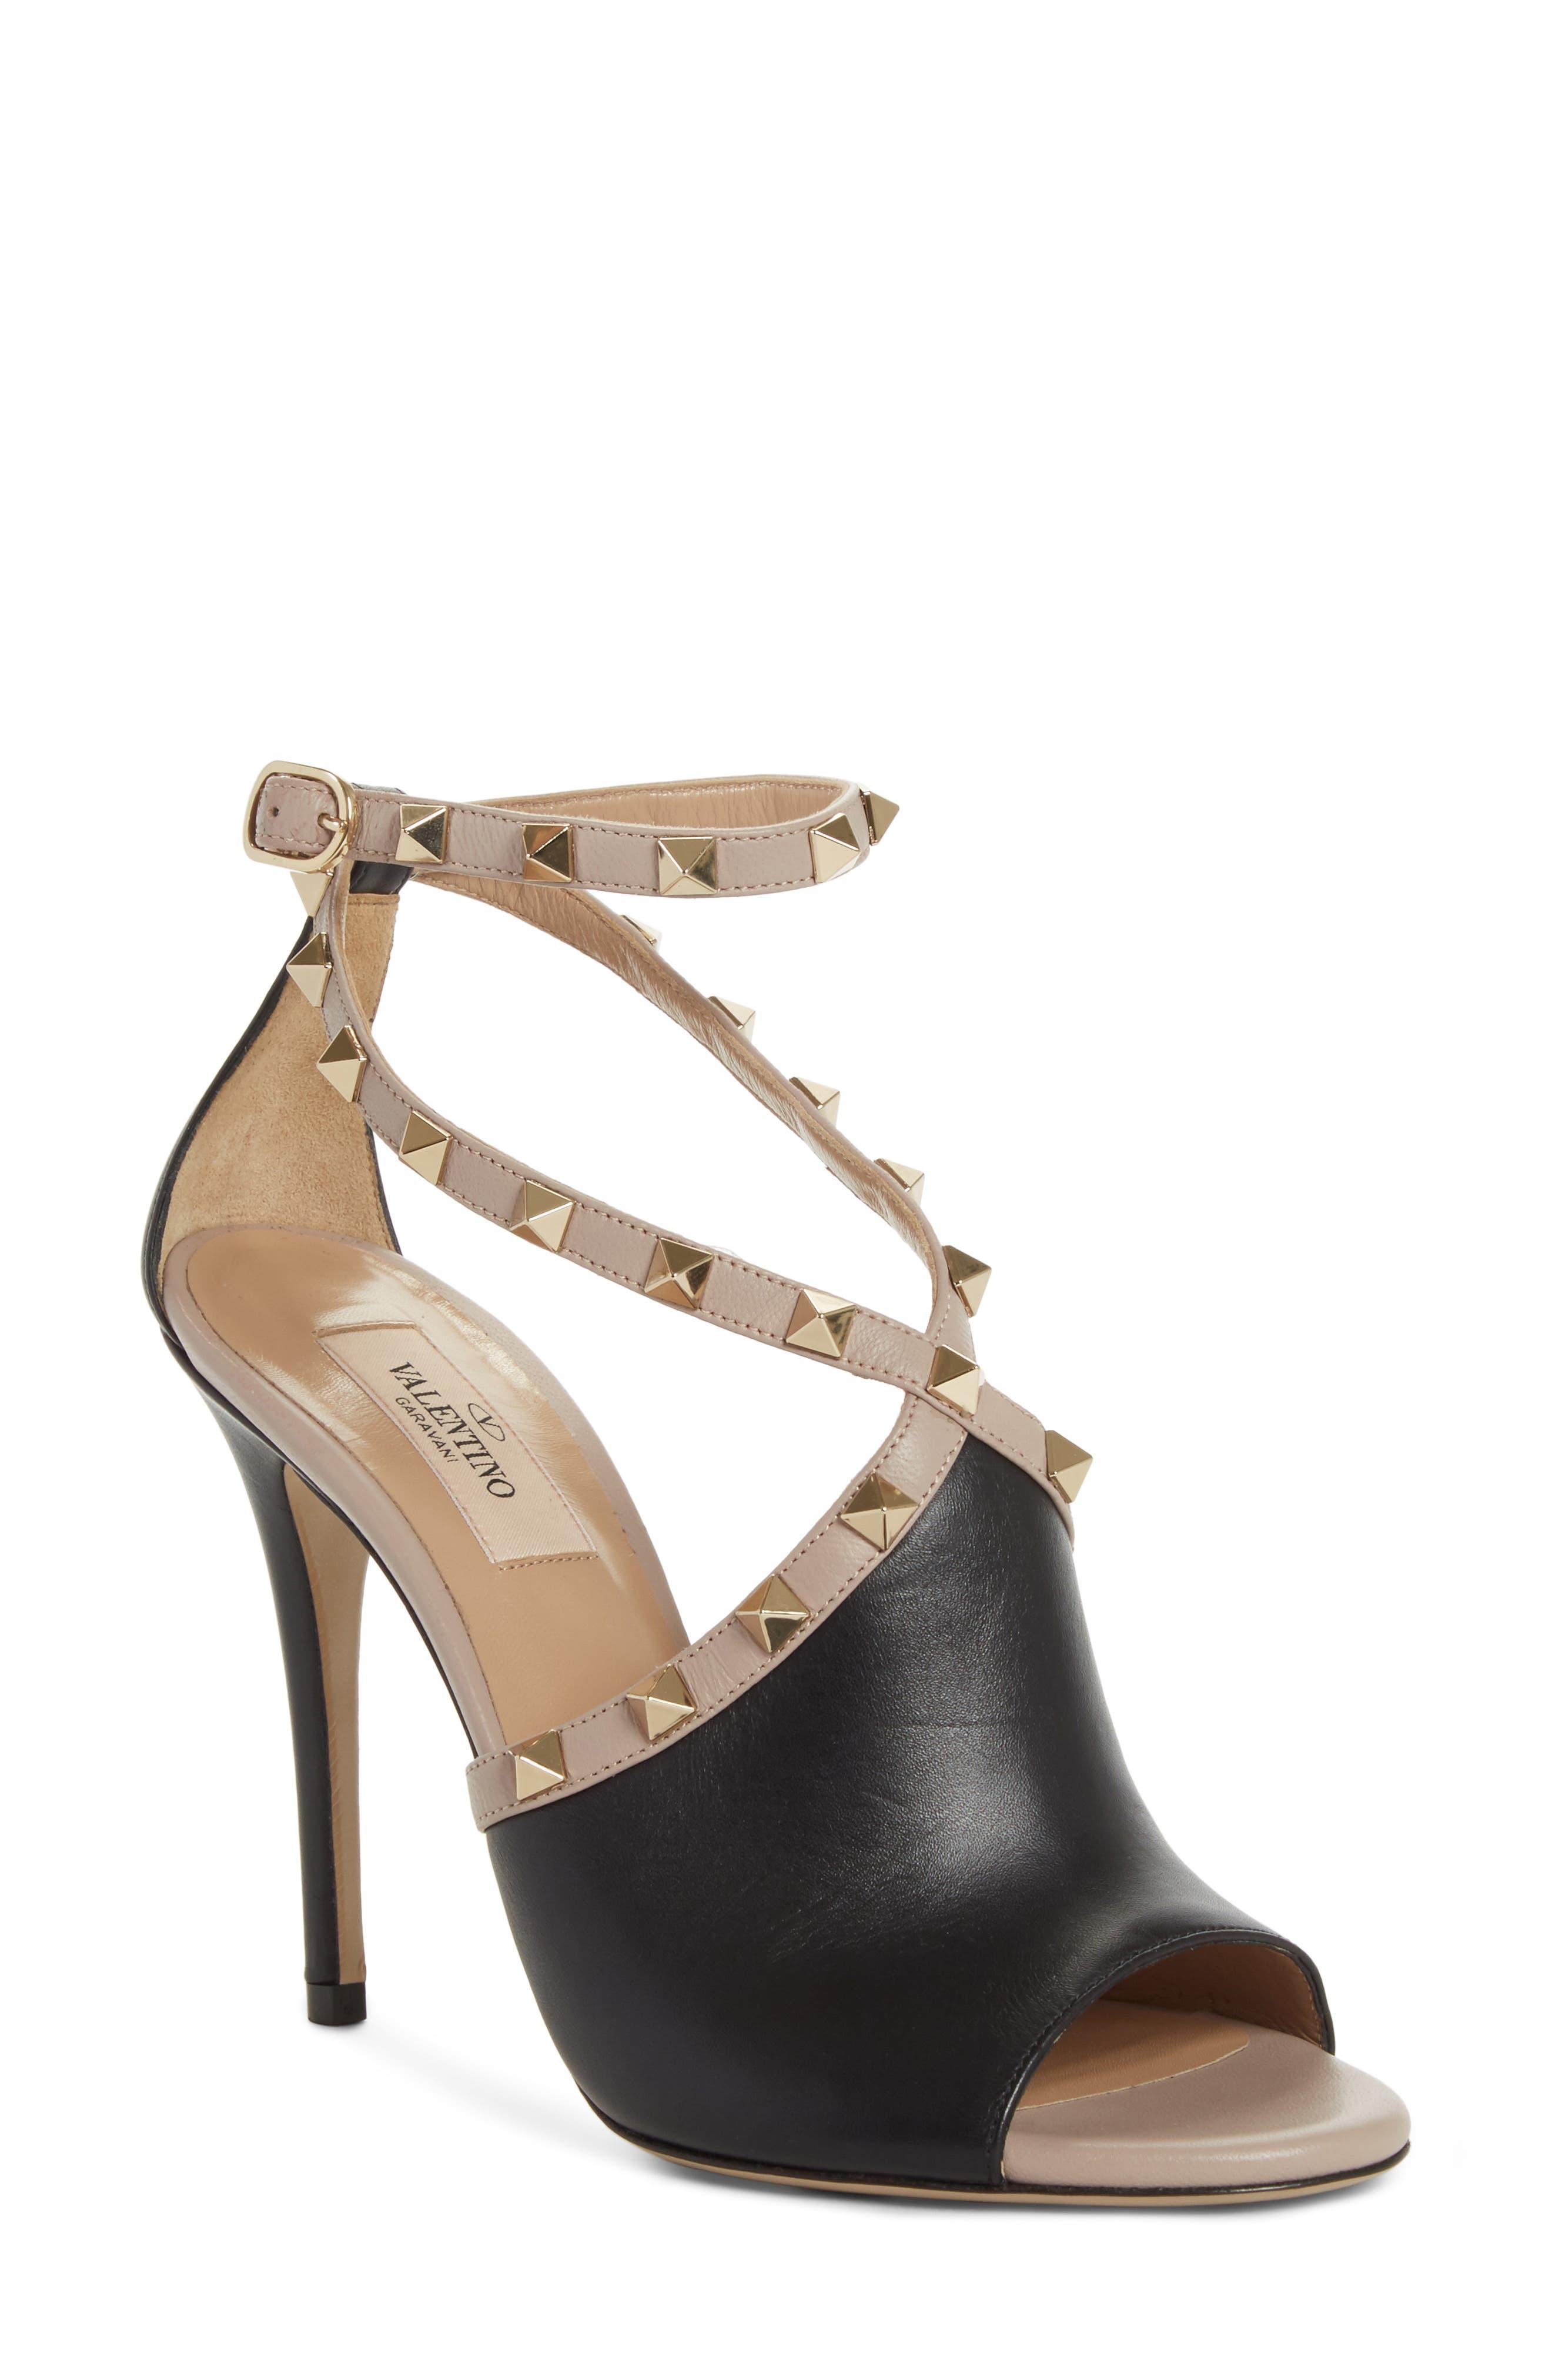 Rockstud Peep Toe Sandal,                             Main thumbnail 1, color,                             BLACK/ BEIGE